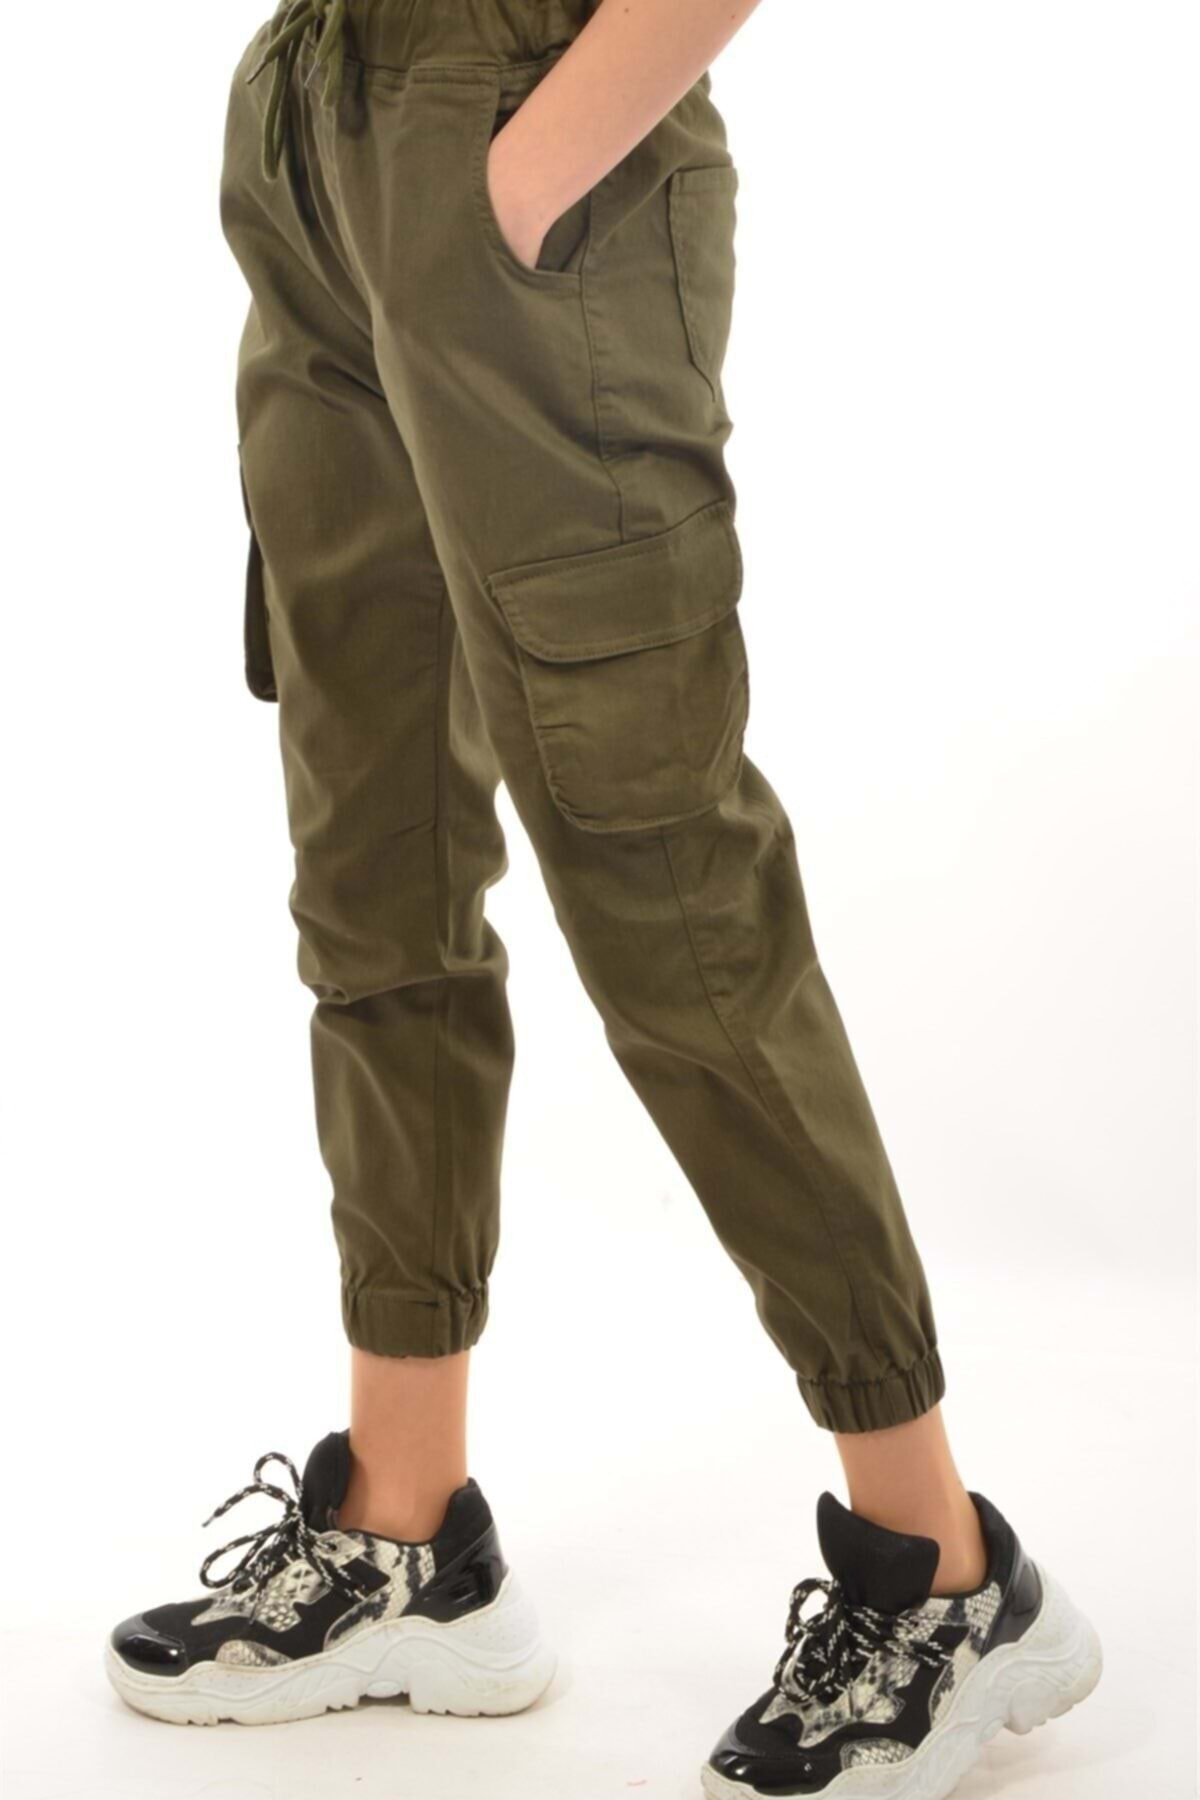 Moda Rumel Kadın Kargo Cep Pantolon - Haki 1